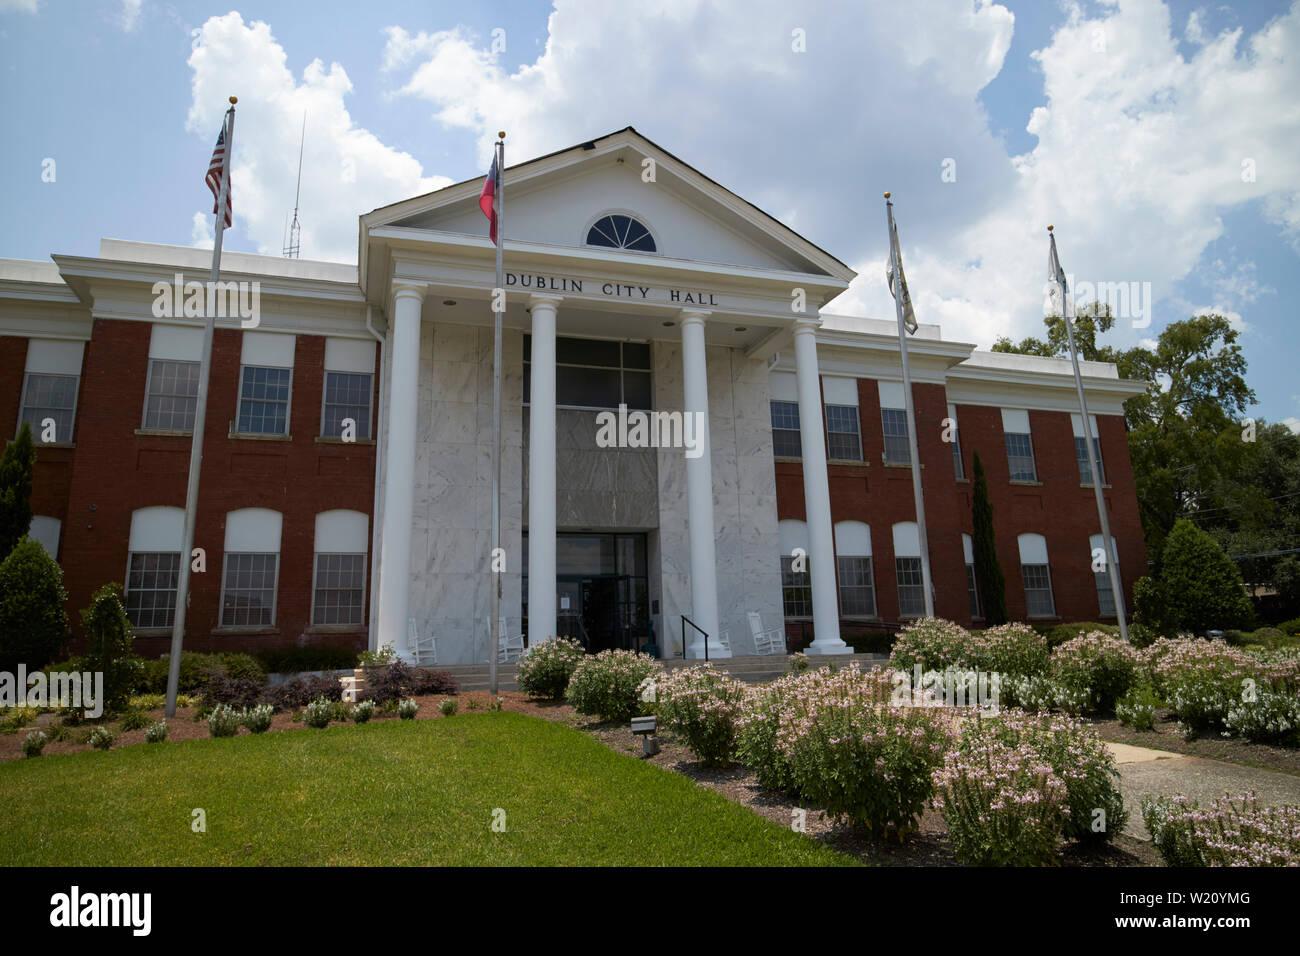 Dublin City Hall Dublin Georgia USA - Stock Image